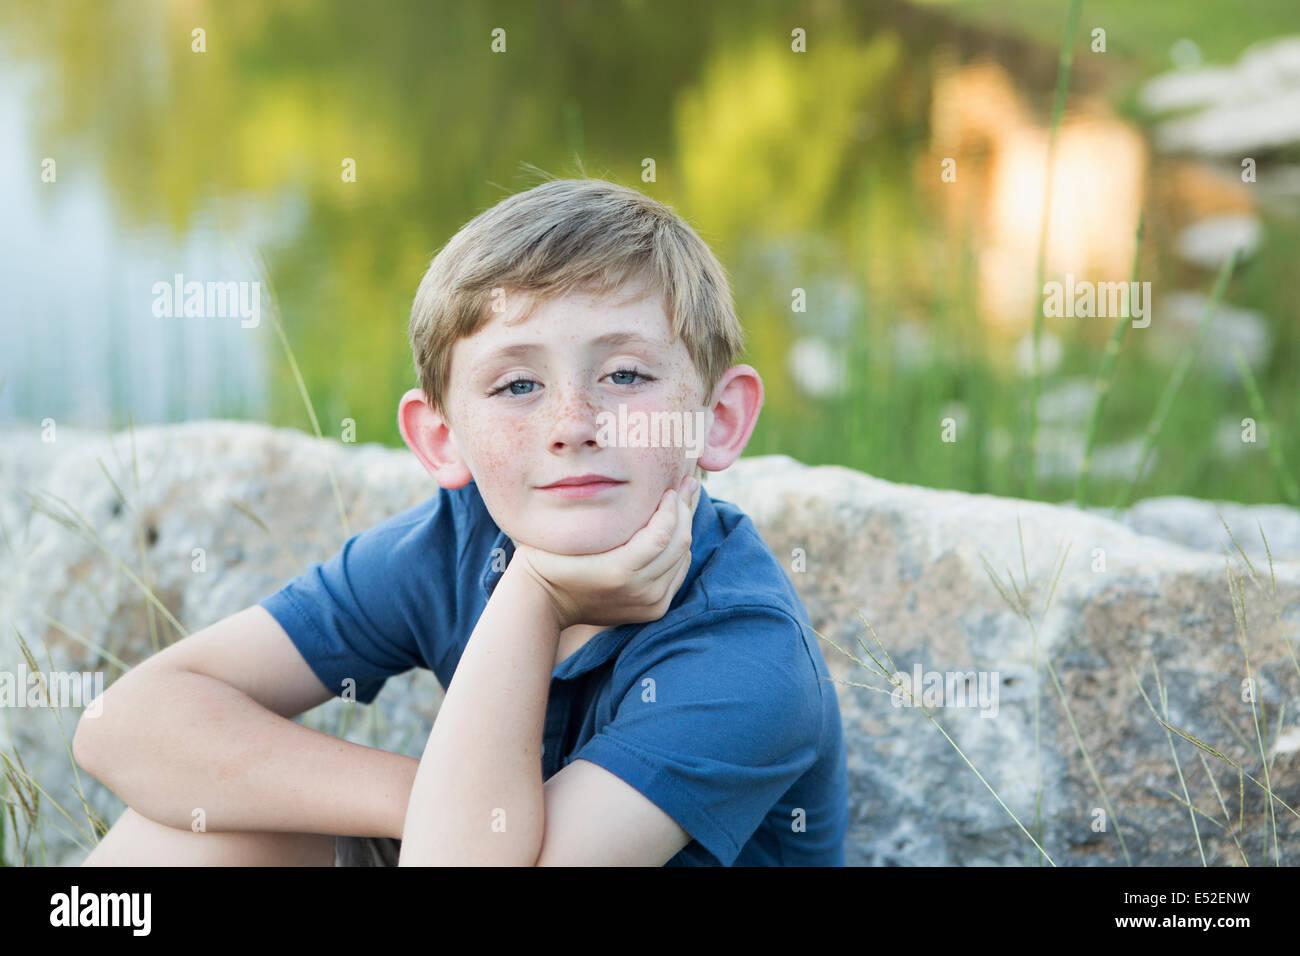 Head and shoulders portrait d'un jeune garçon assis avec son menton reposant sur sa main. Photo Stock